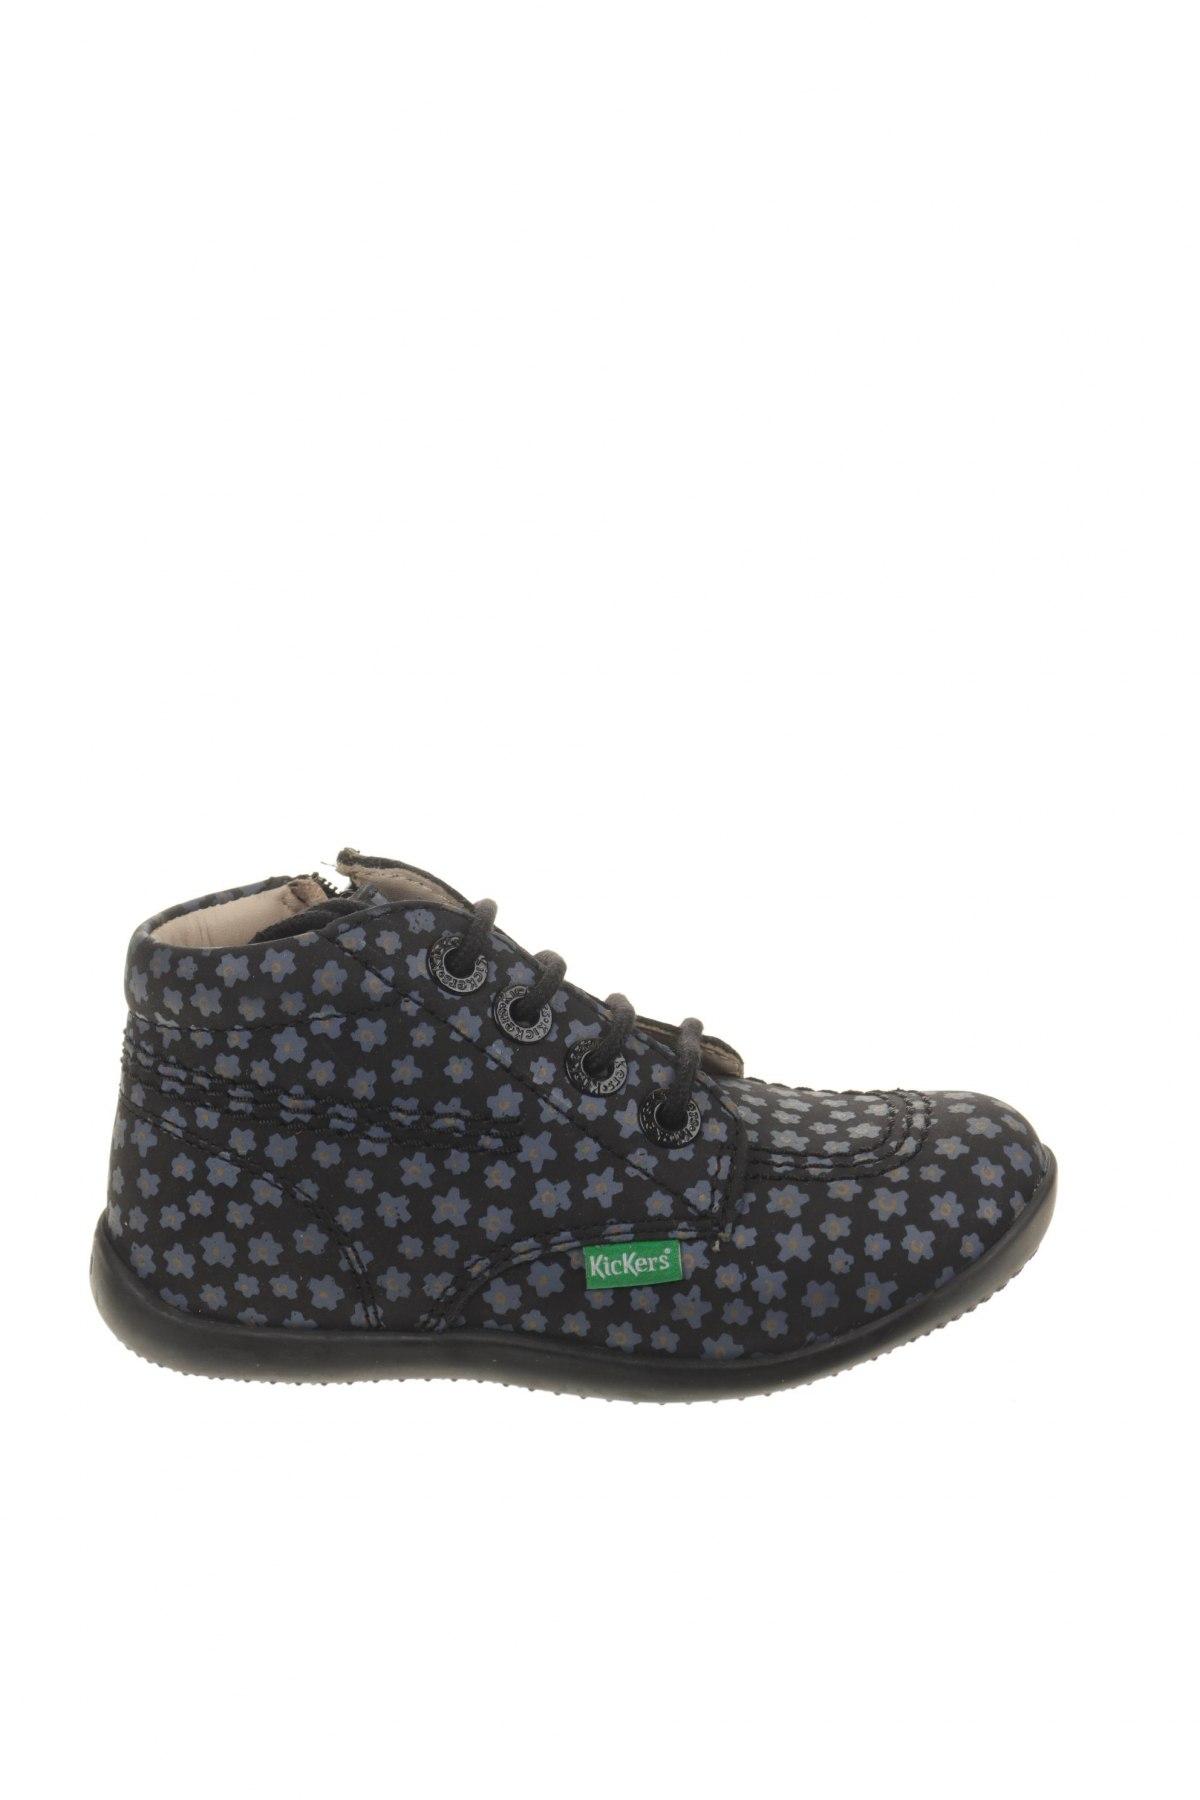 Παιδικά παπούτσια Kickers, Μέγεθος 25, Χρώμα Μπλέ, Γνήσιο δέρμα, Τιμή 30,54€